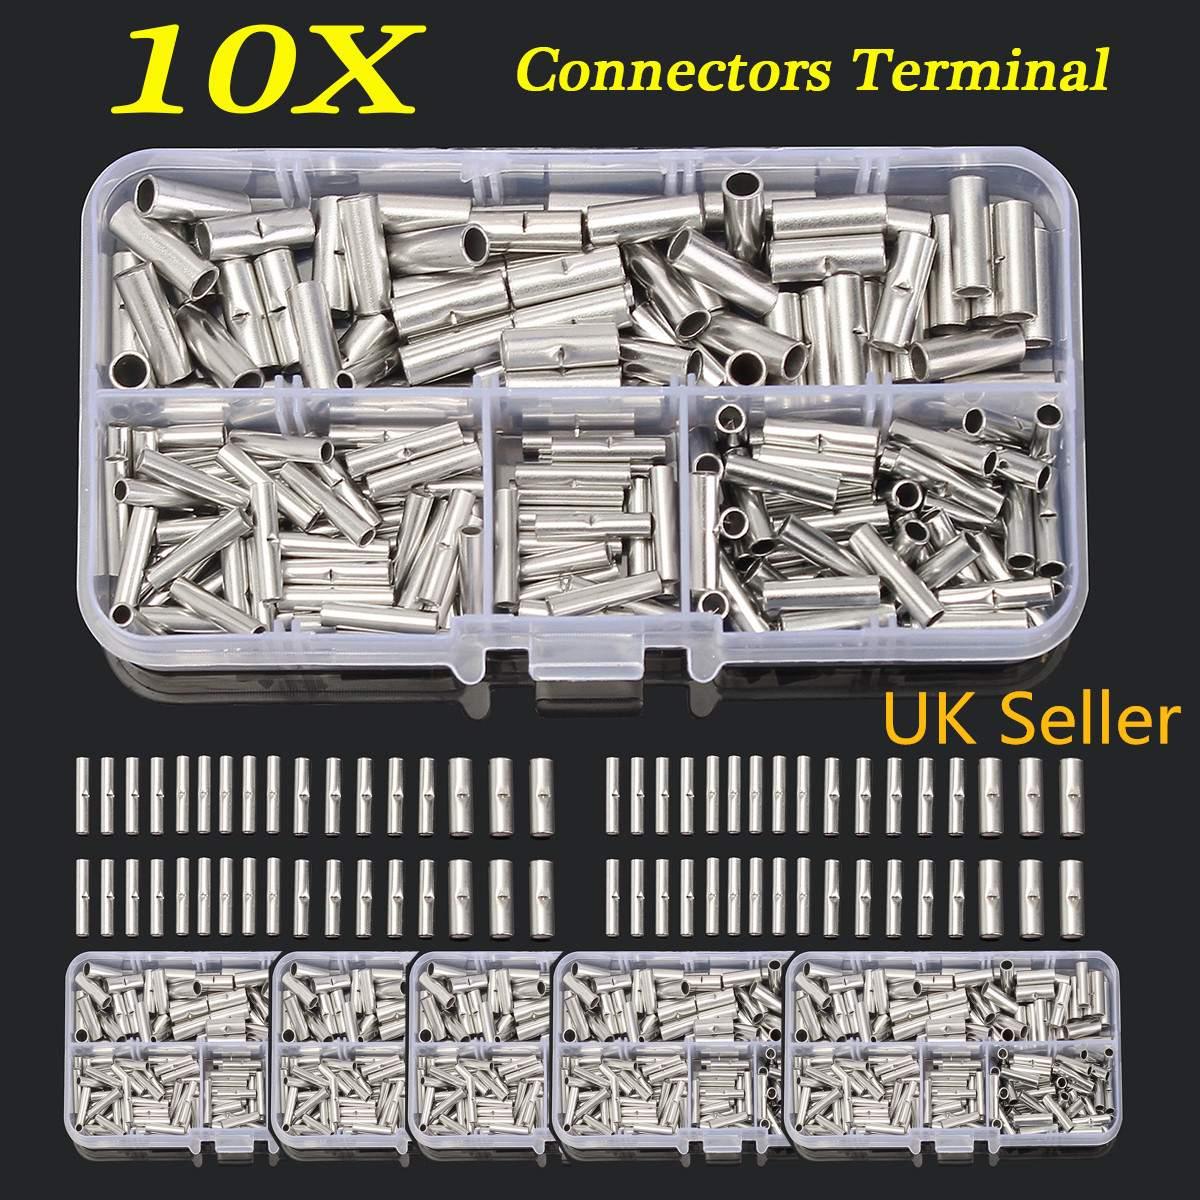 200 Pcs Cobre Butt Splice Fio de Cobre Crimp Connector Duplas Cord Pin Terminais Para 10-22AWG Sleeving Tubo Do Psiquiatra Do Calor